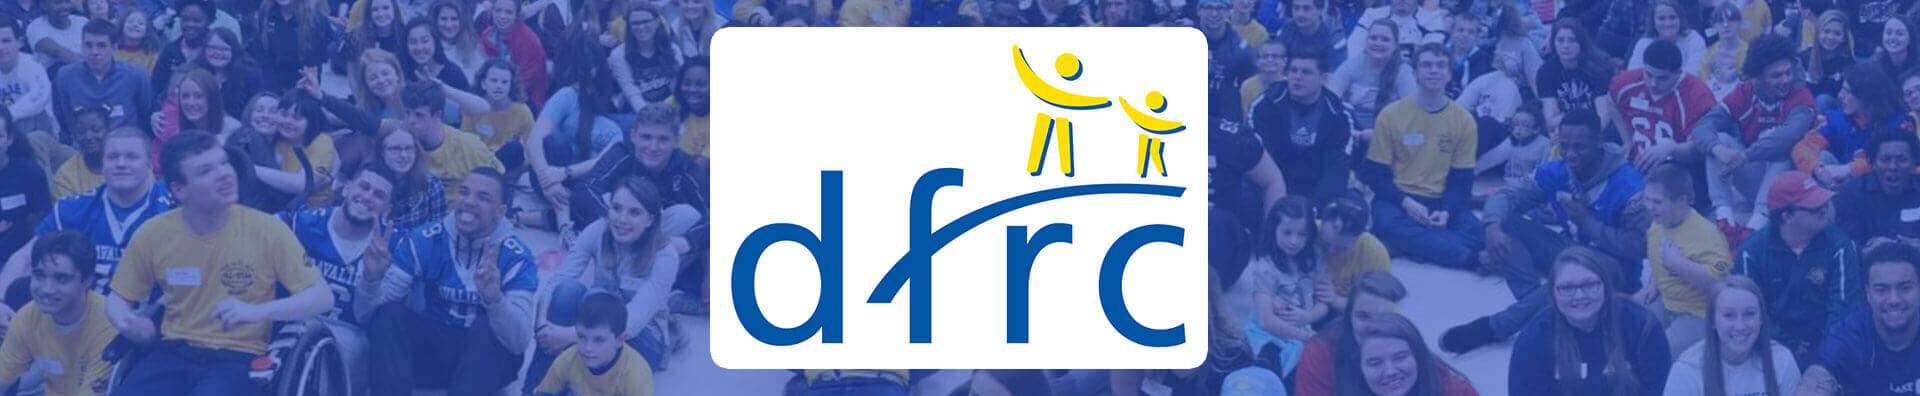 DFRC Banner